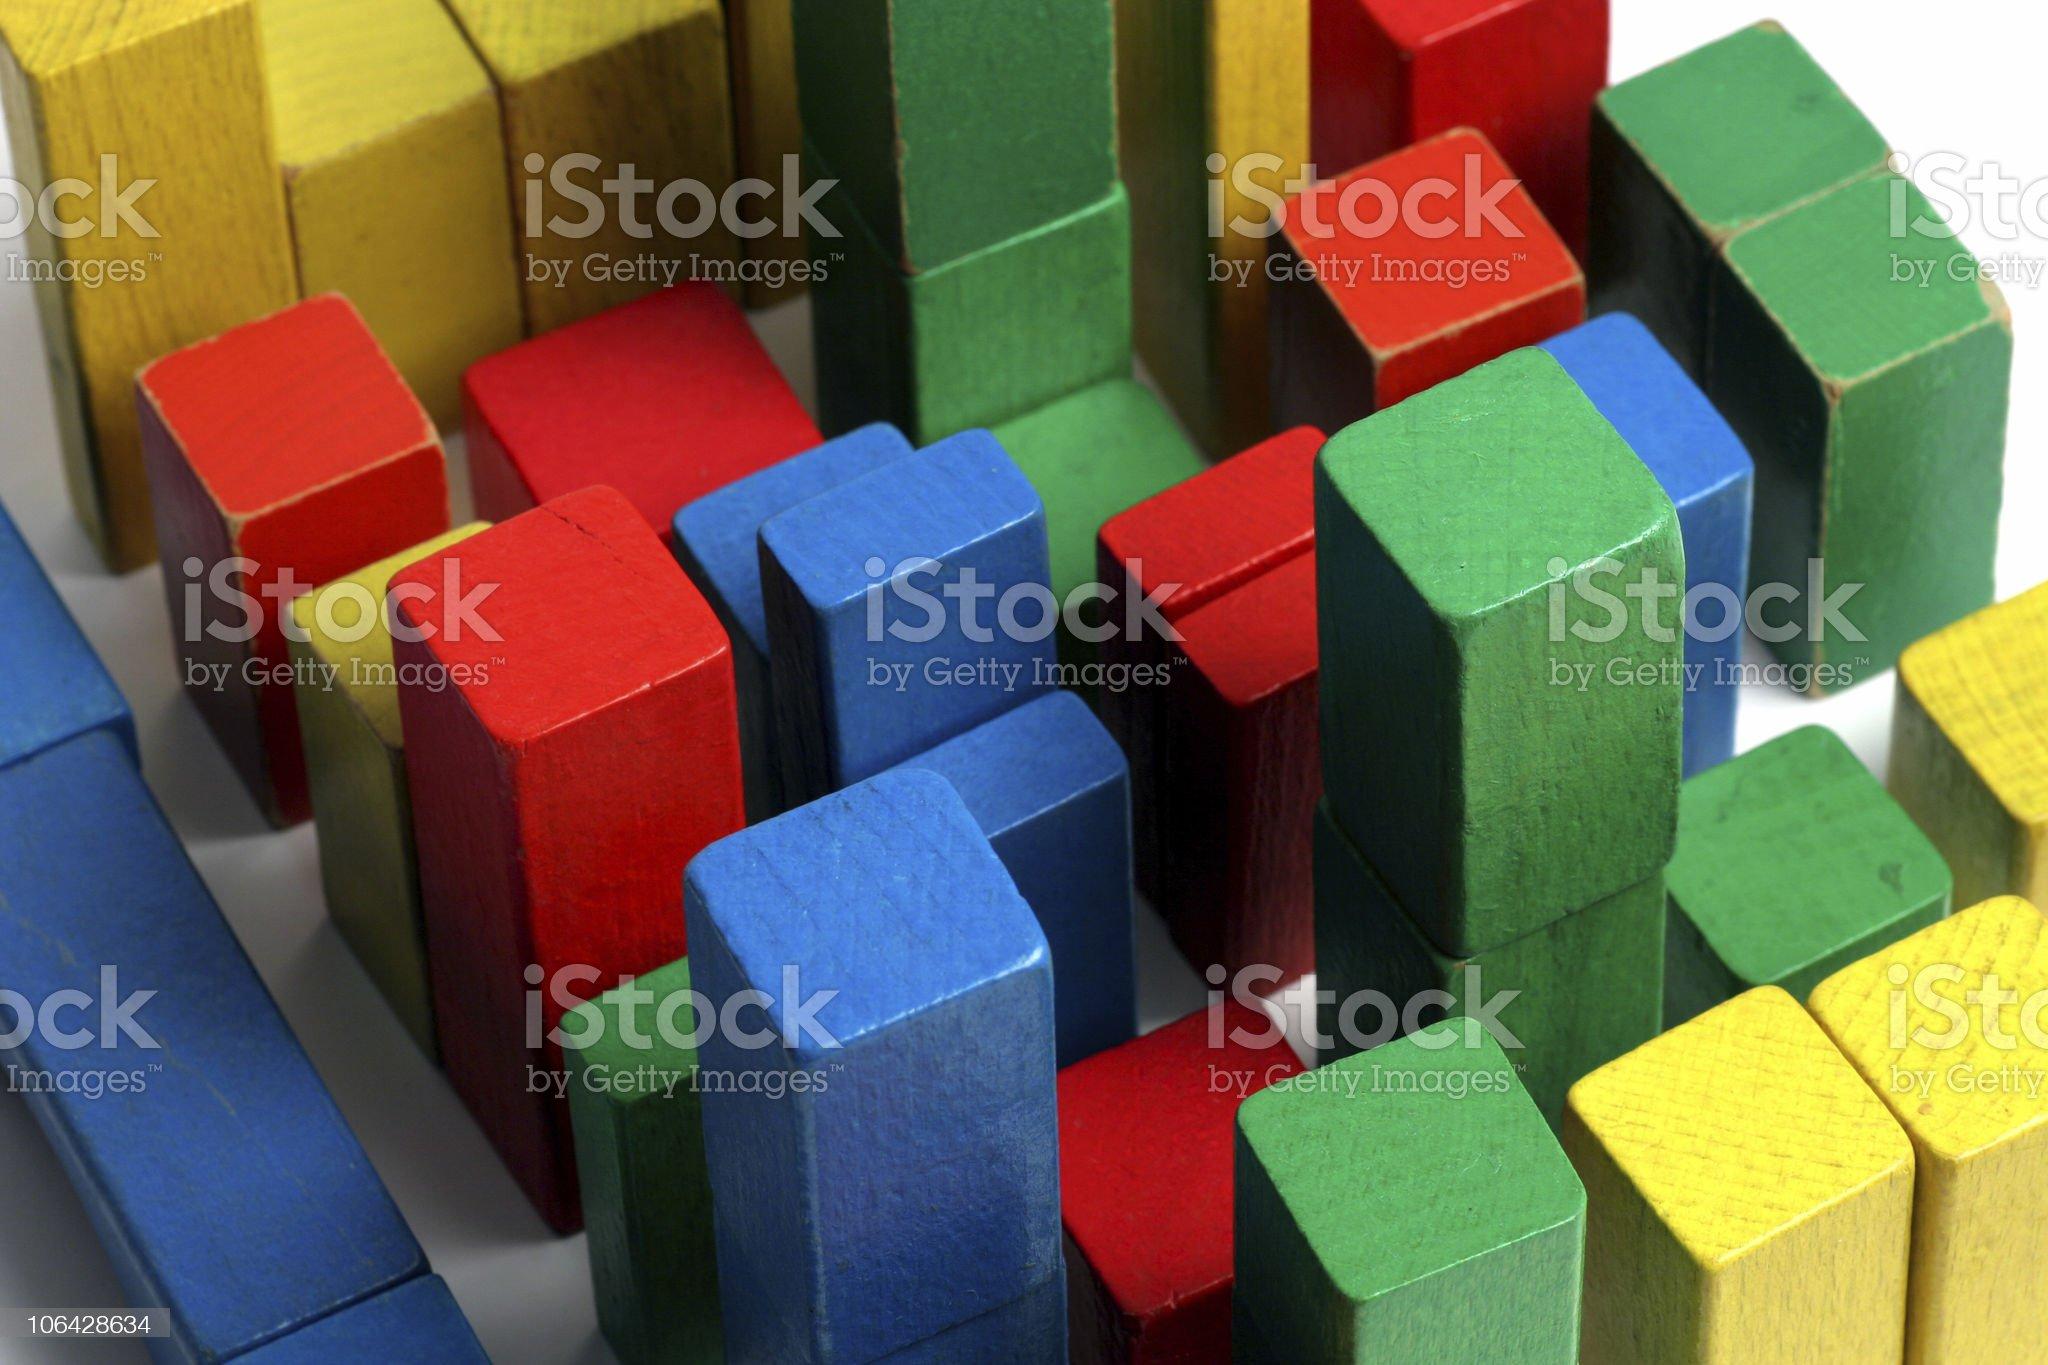 City of blocks royalty-free stock photo